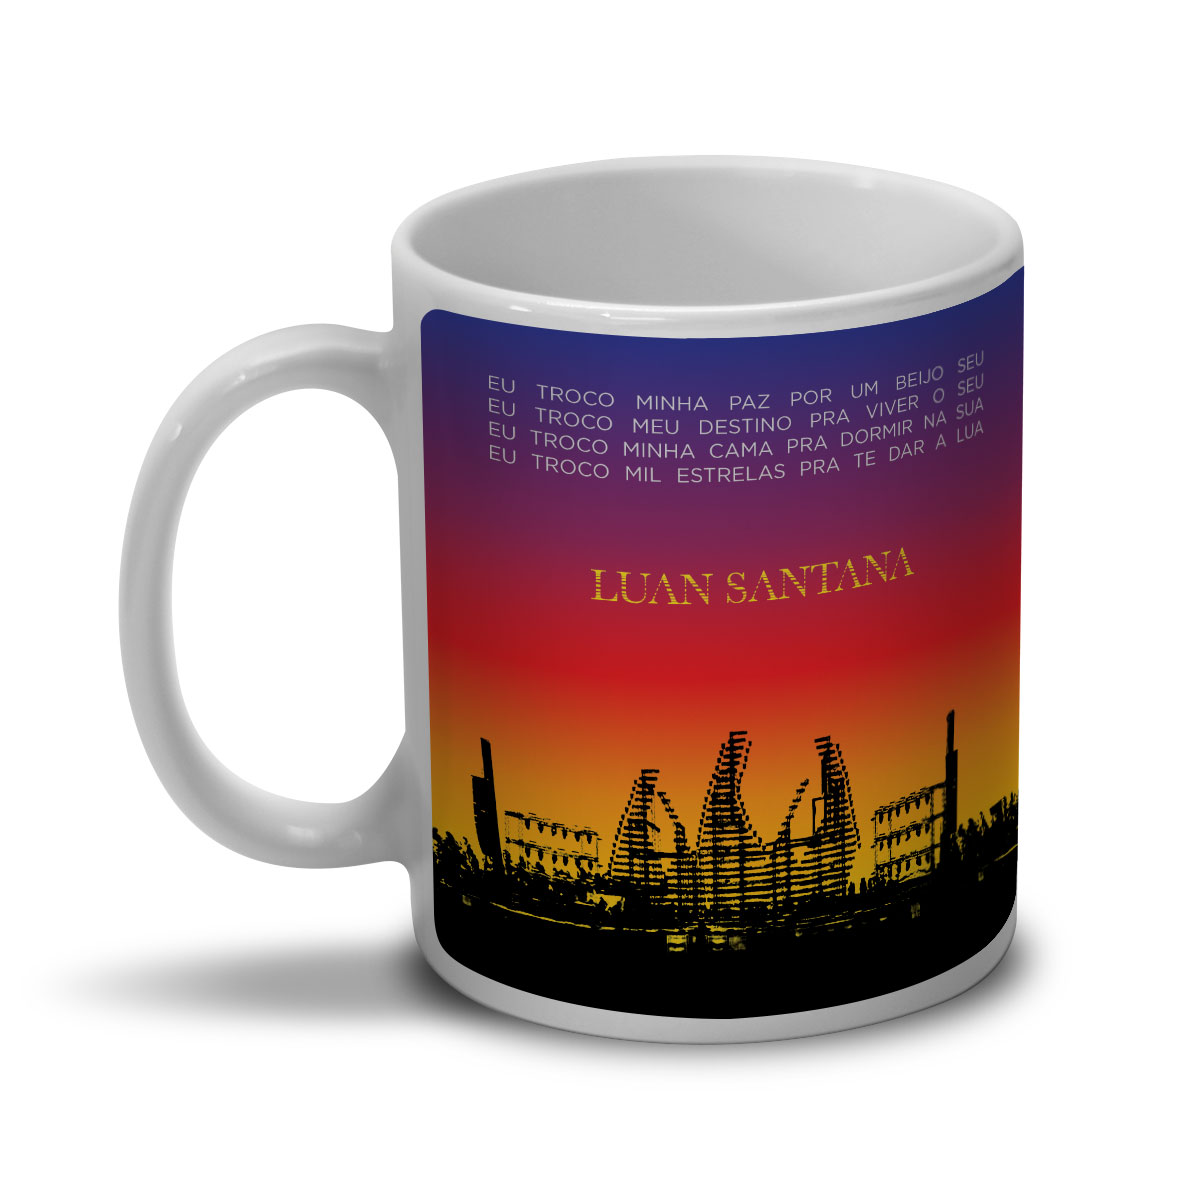 Caneca Luan Santana Concept